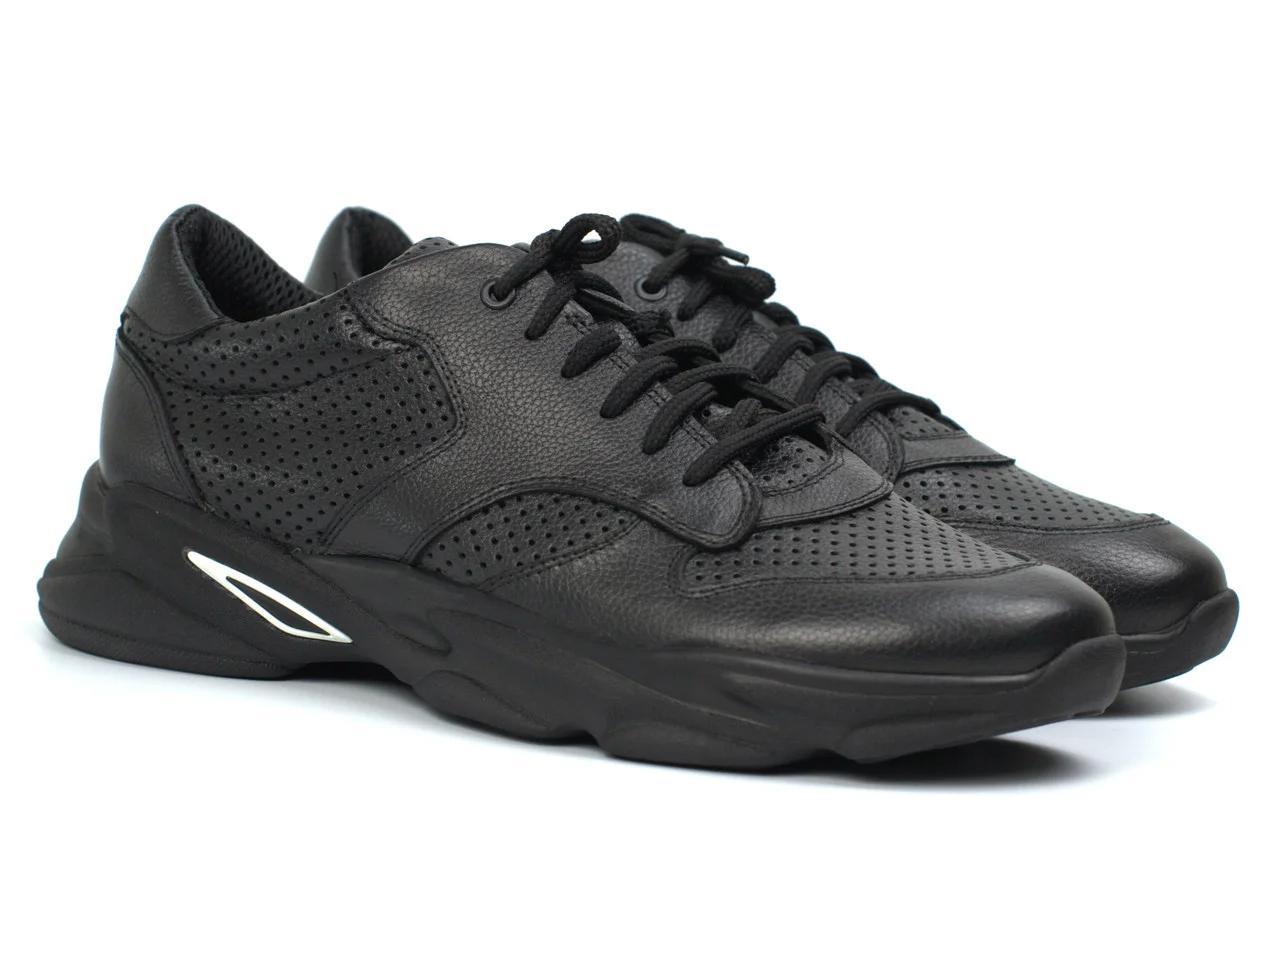 Кроссовки мужские летние сетка кожаные черные дышащая обувь больших размеров Rosso Avangard ReBaKa PerfLeath Floto BS